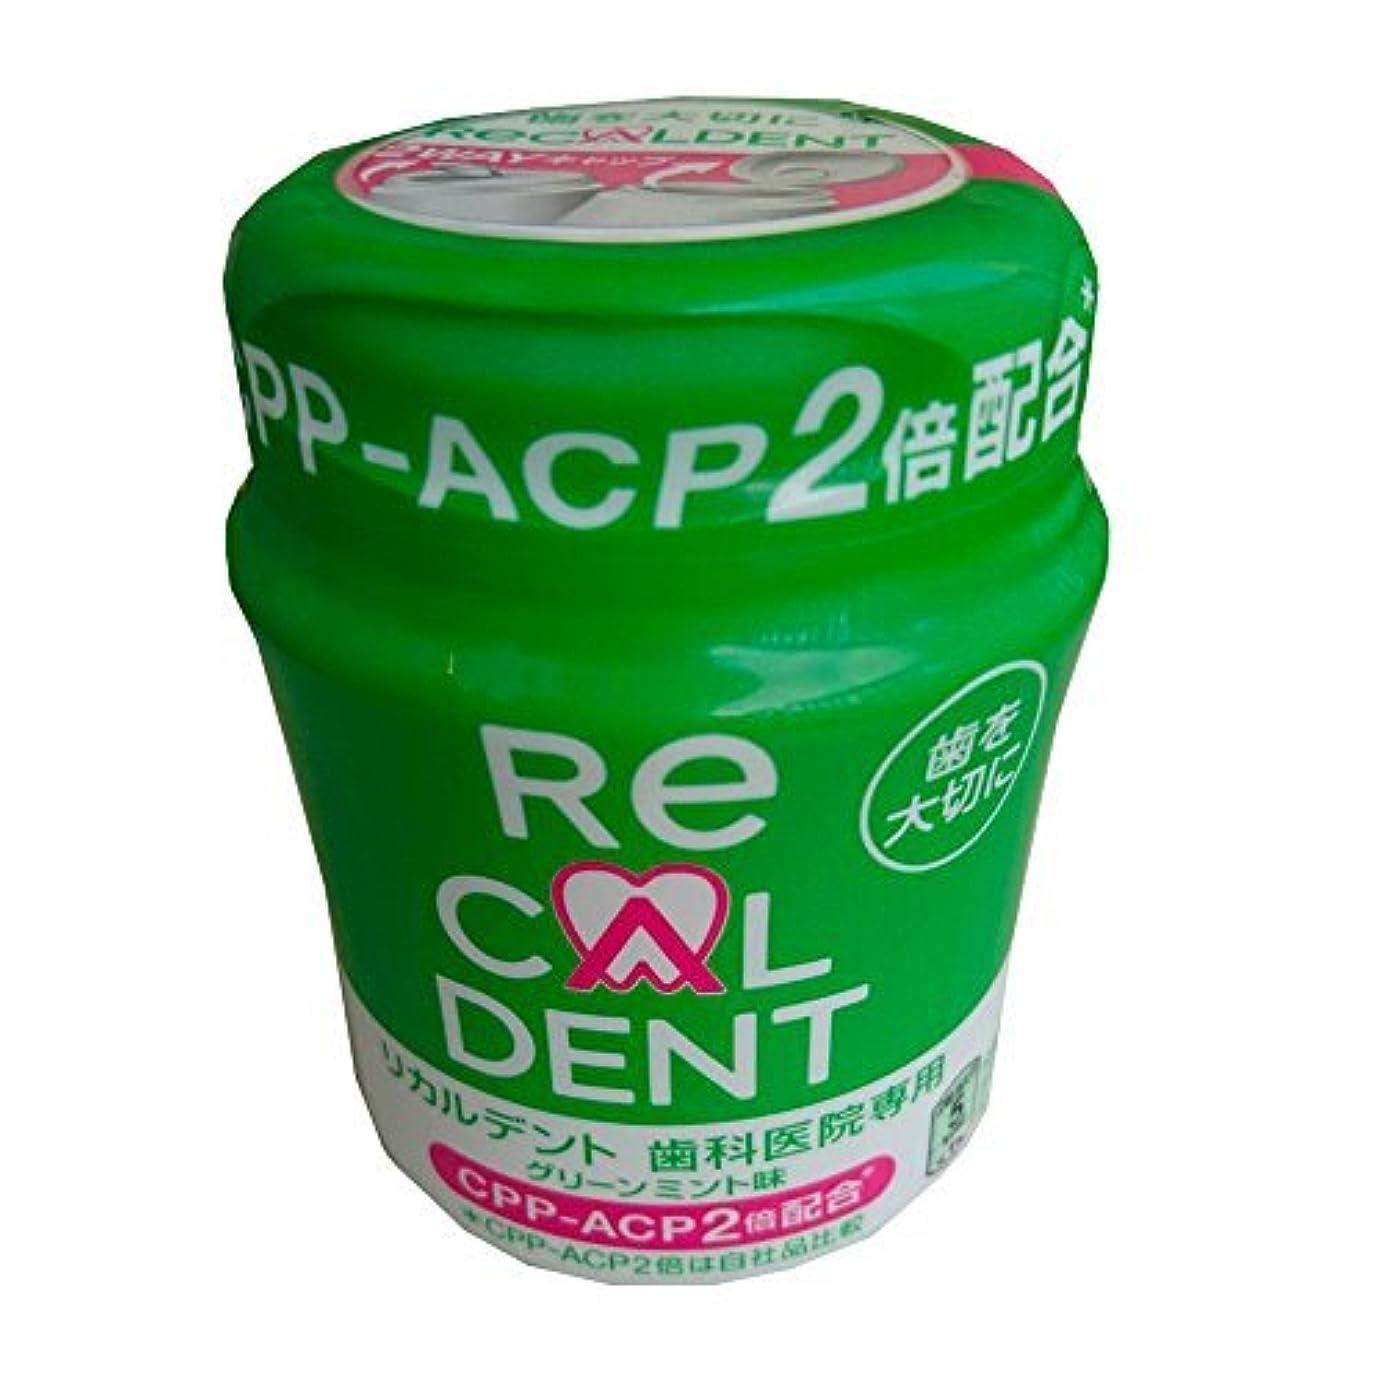 ノーブル準備する参照する歯科医院専用 リカルデントガム グリーンミント味 140gボトル 1個